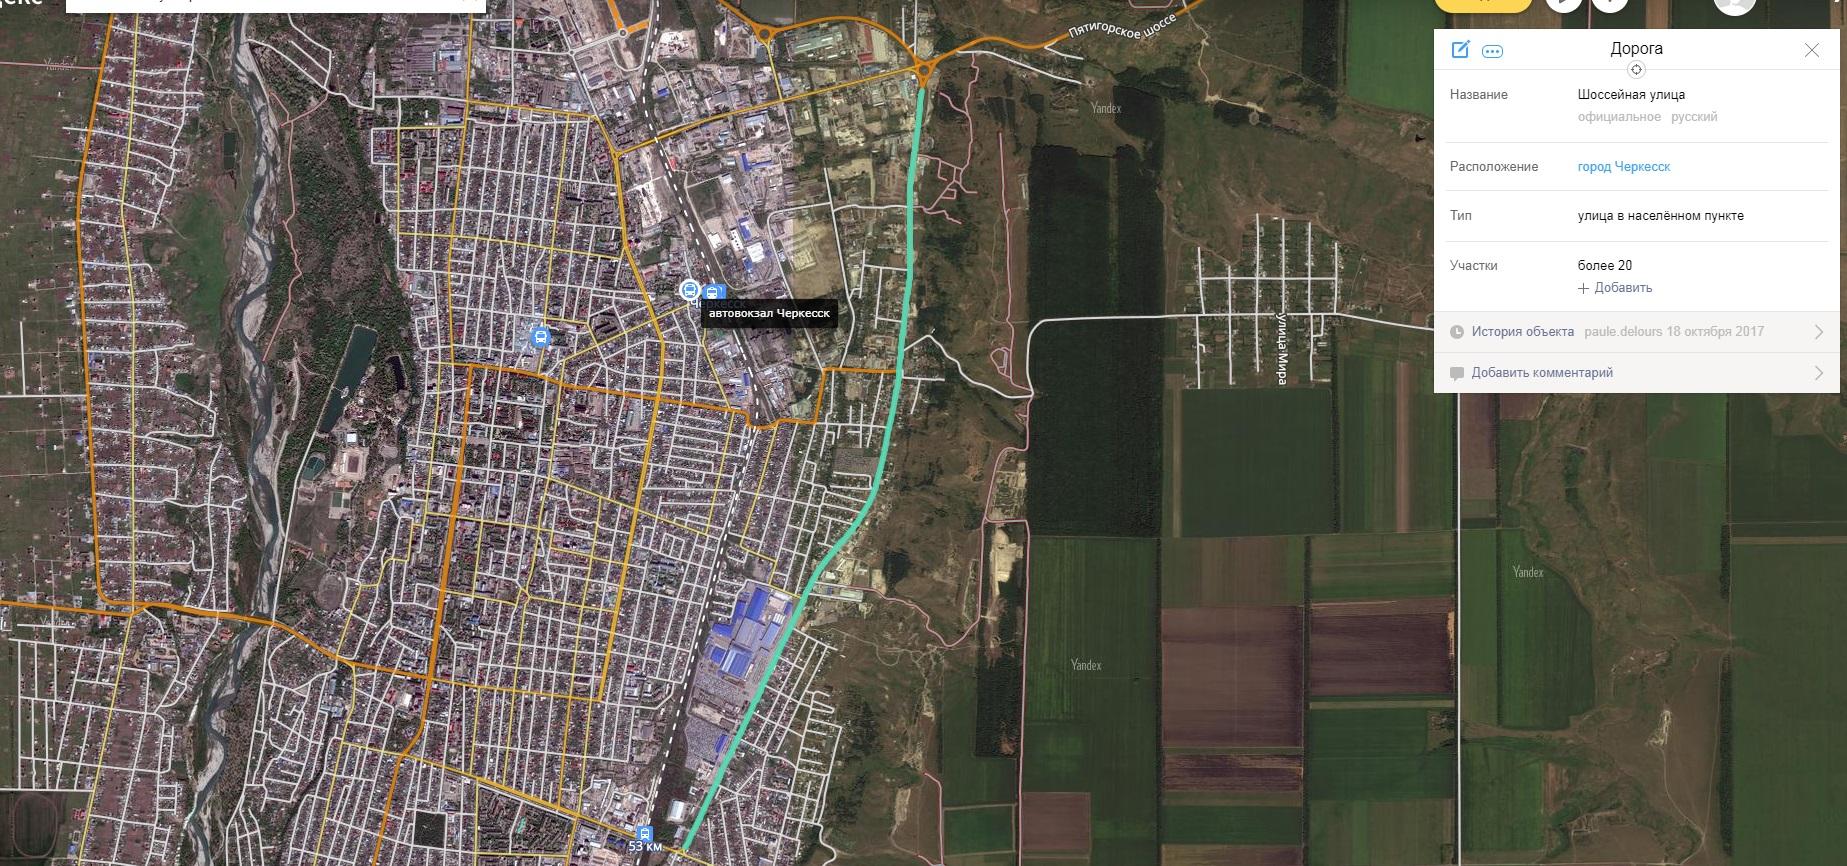 Карта Улицы Шоссейная Черкесска